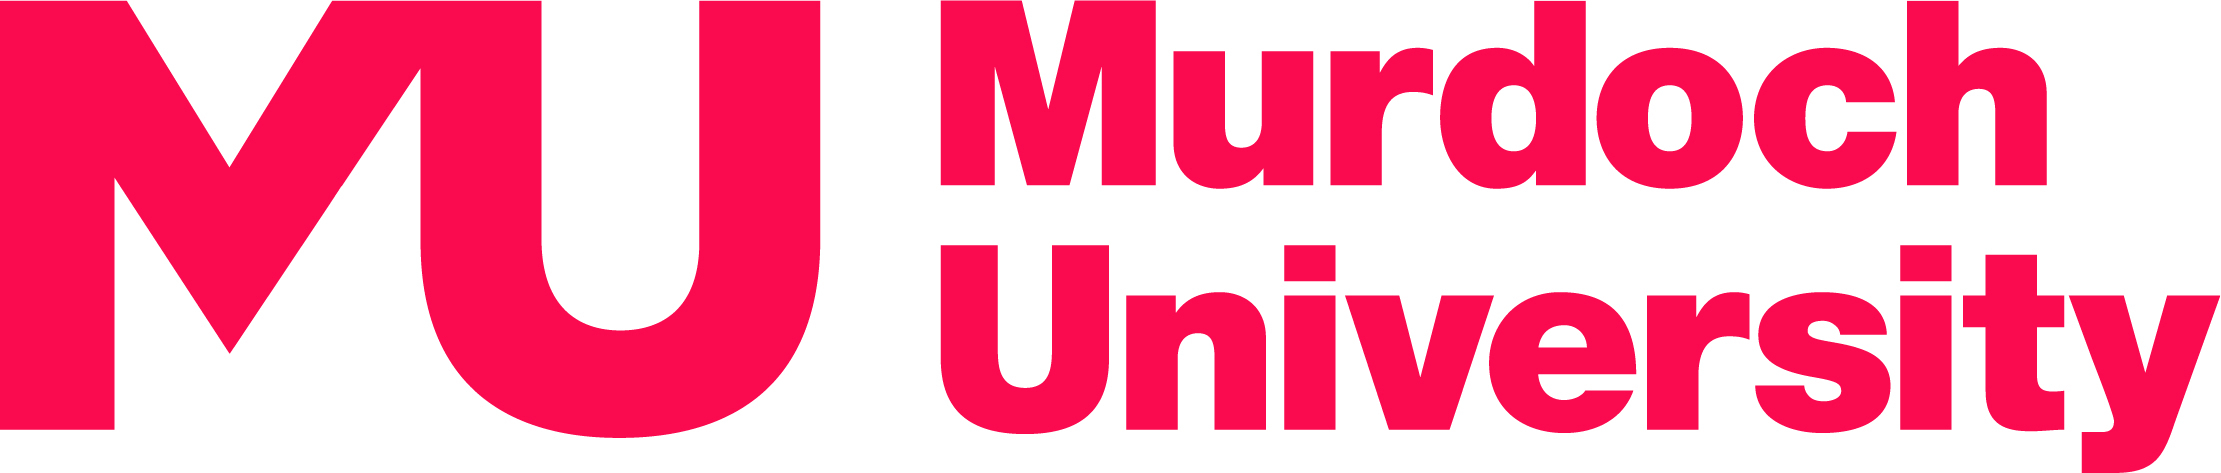 Murdoch University - Course Seeker